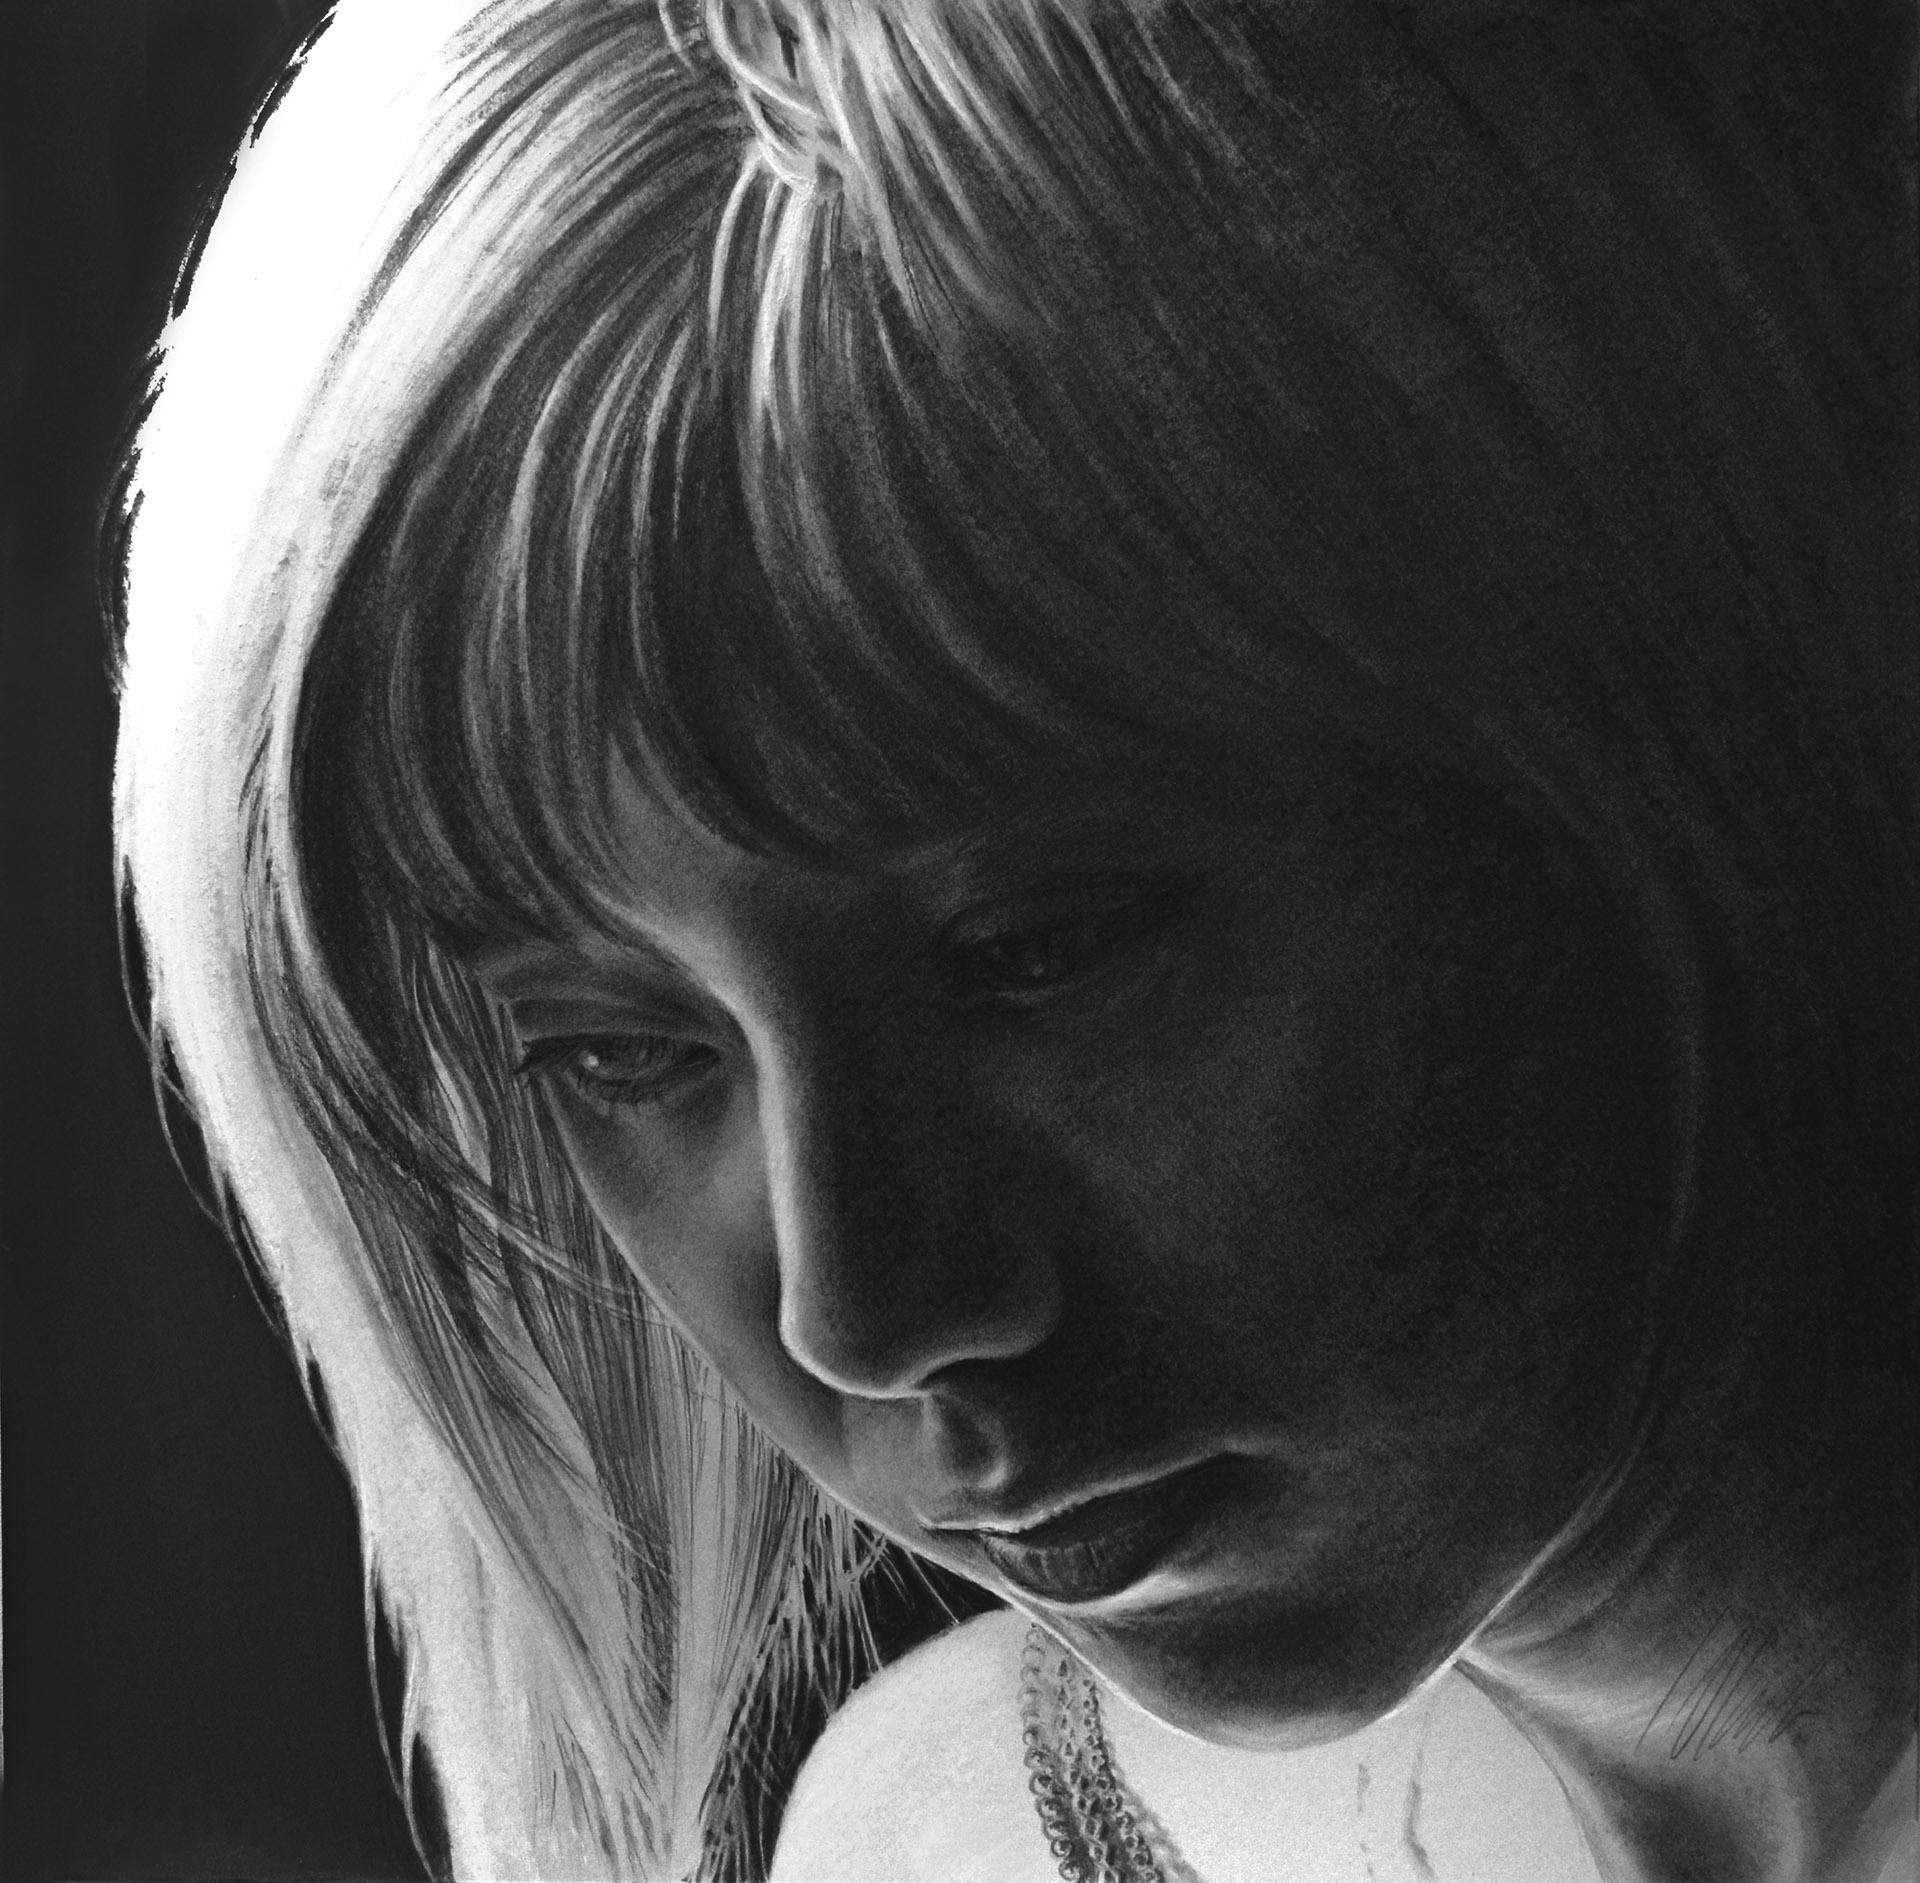 Sara. Javier Olmedo, grafito. 35 x 35 cm. Año 2017